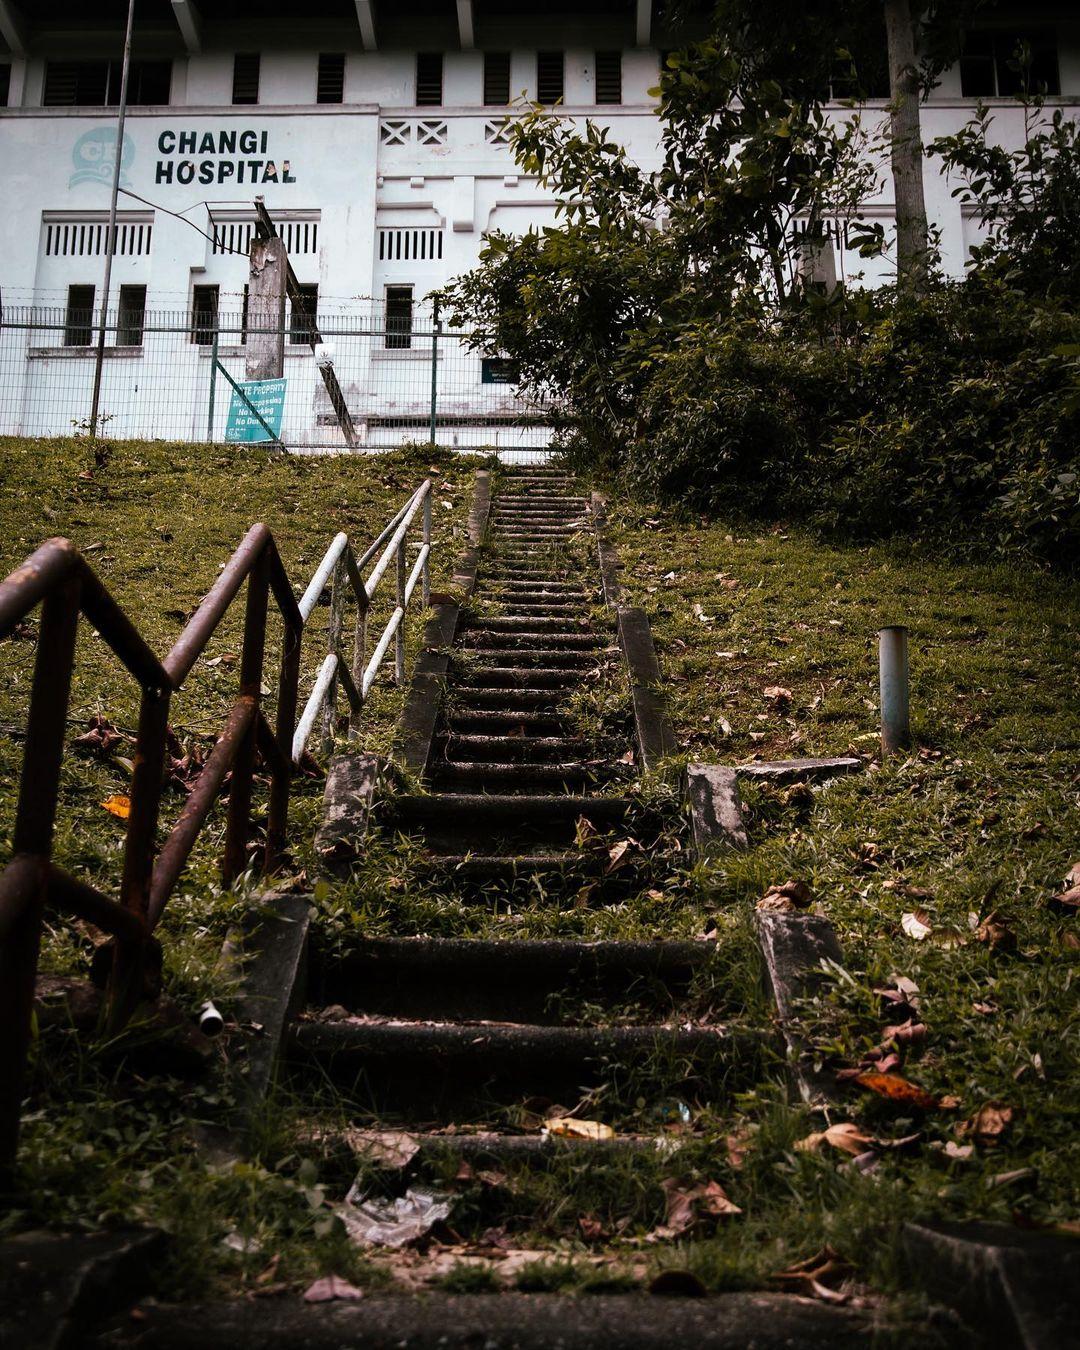 old changi hospital hilltop